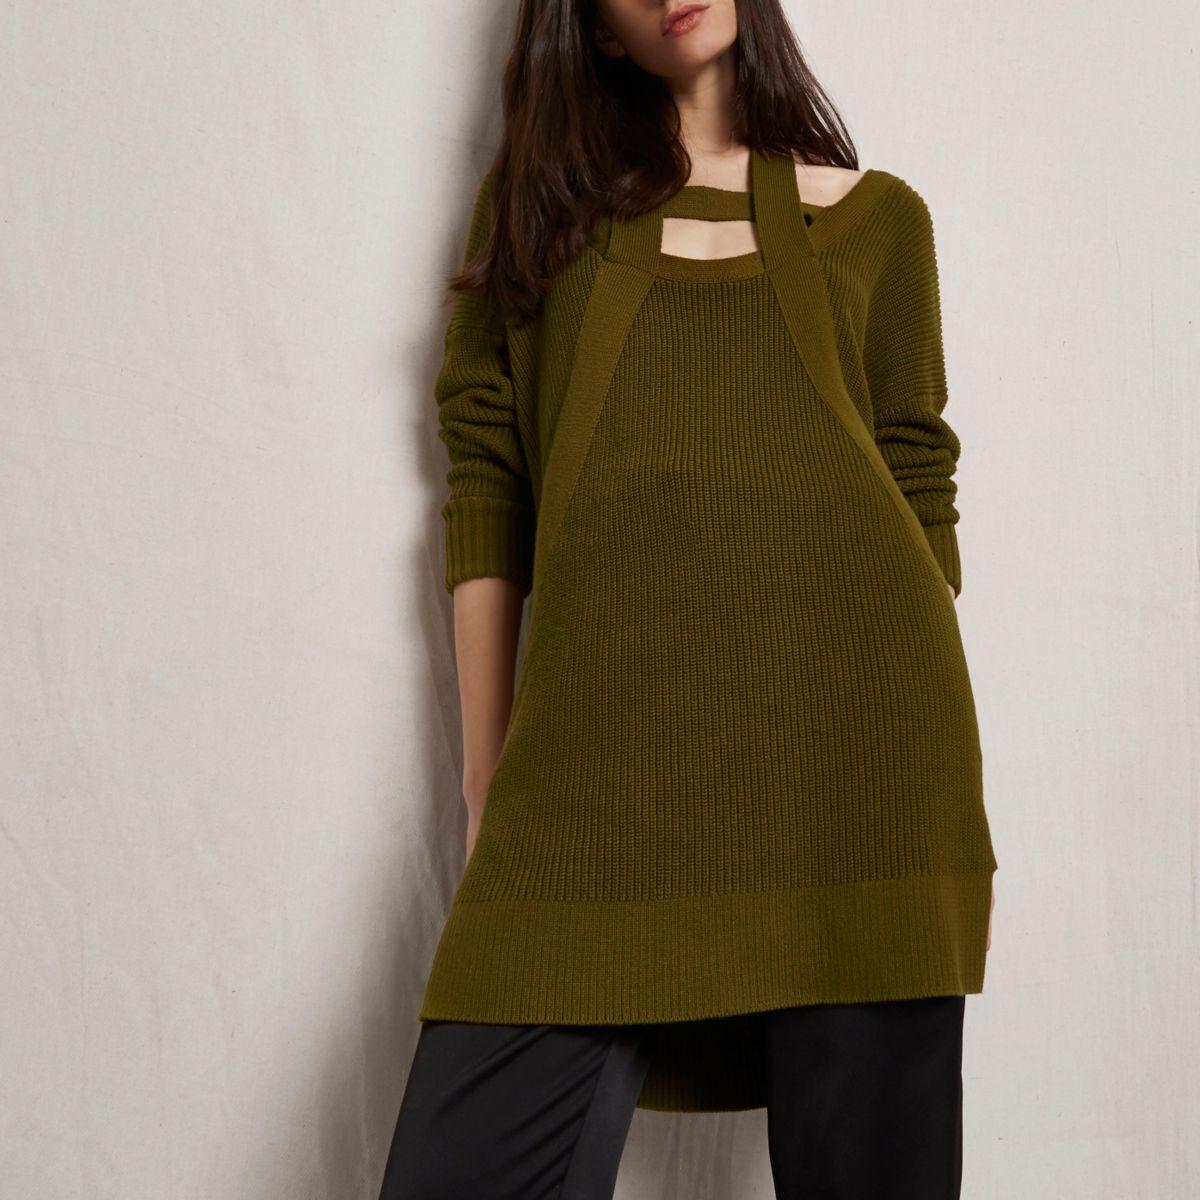 Khaki green RI Studio knit cut out jumper